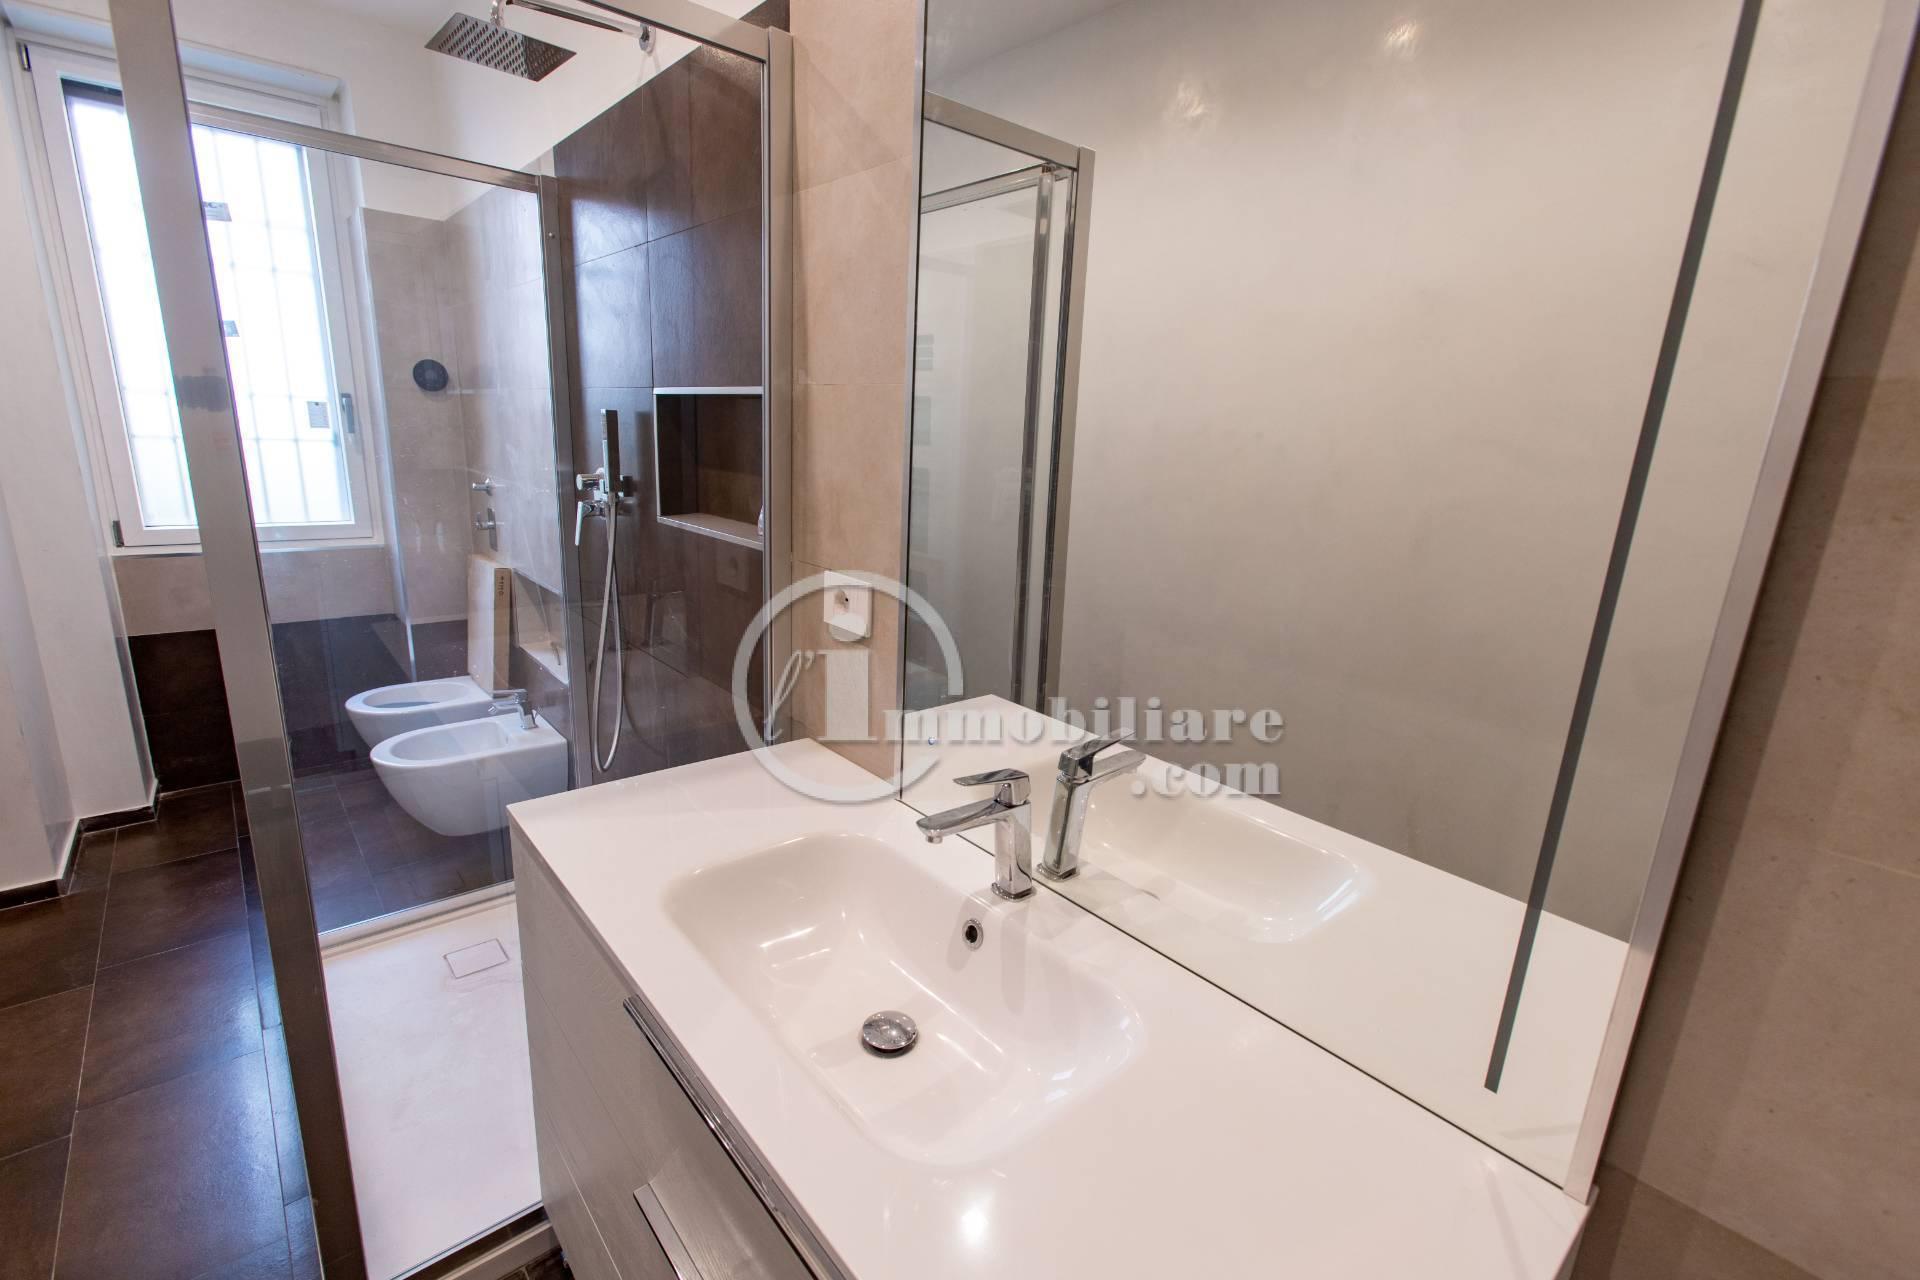 Appartamento in Vendita a Milano: 3 locali, 75 mq - Foto 14